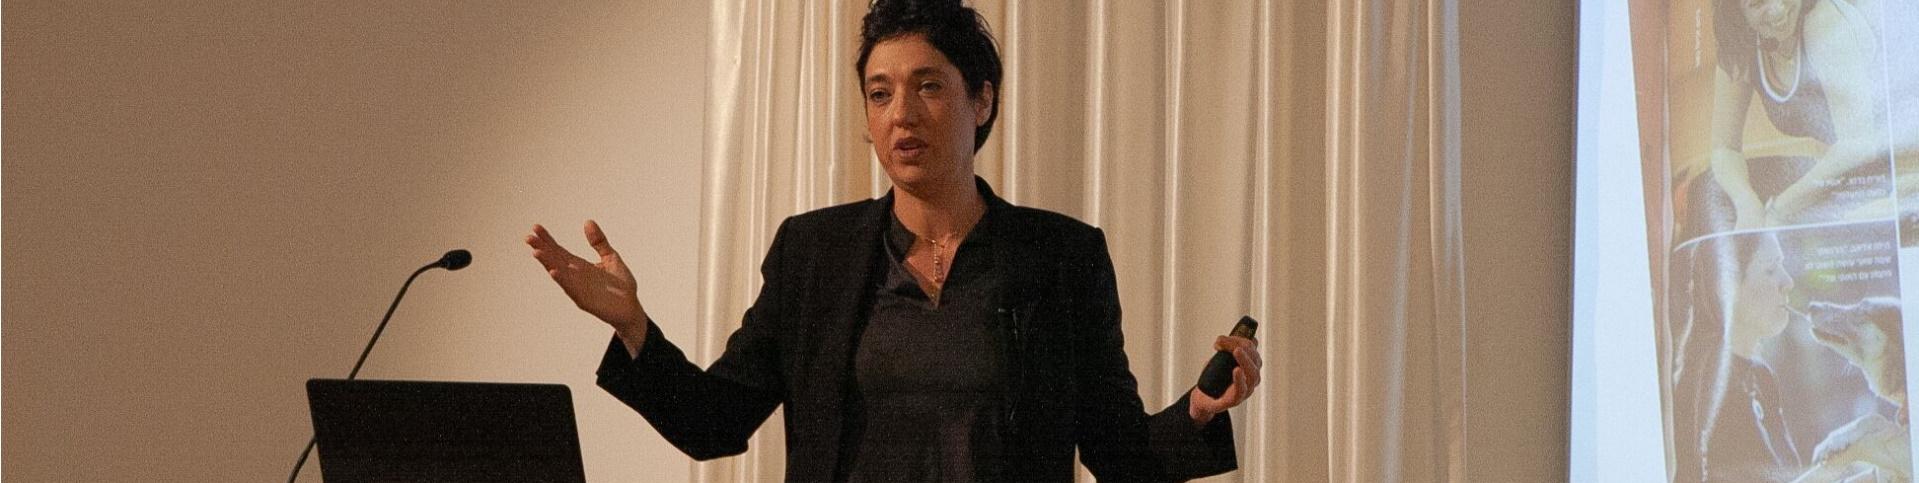 הרצאה בכנס מעברים נשים בעסקים | הקמת עסק